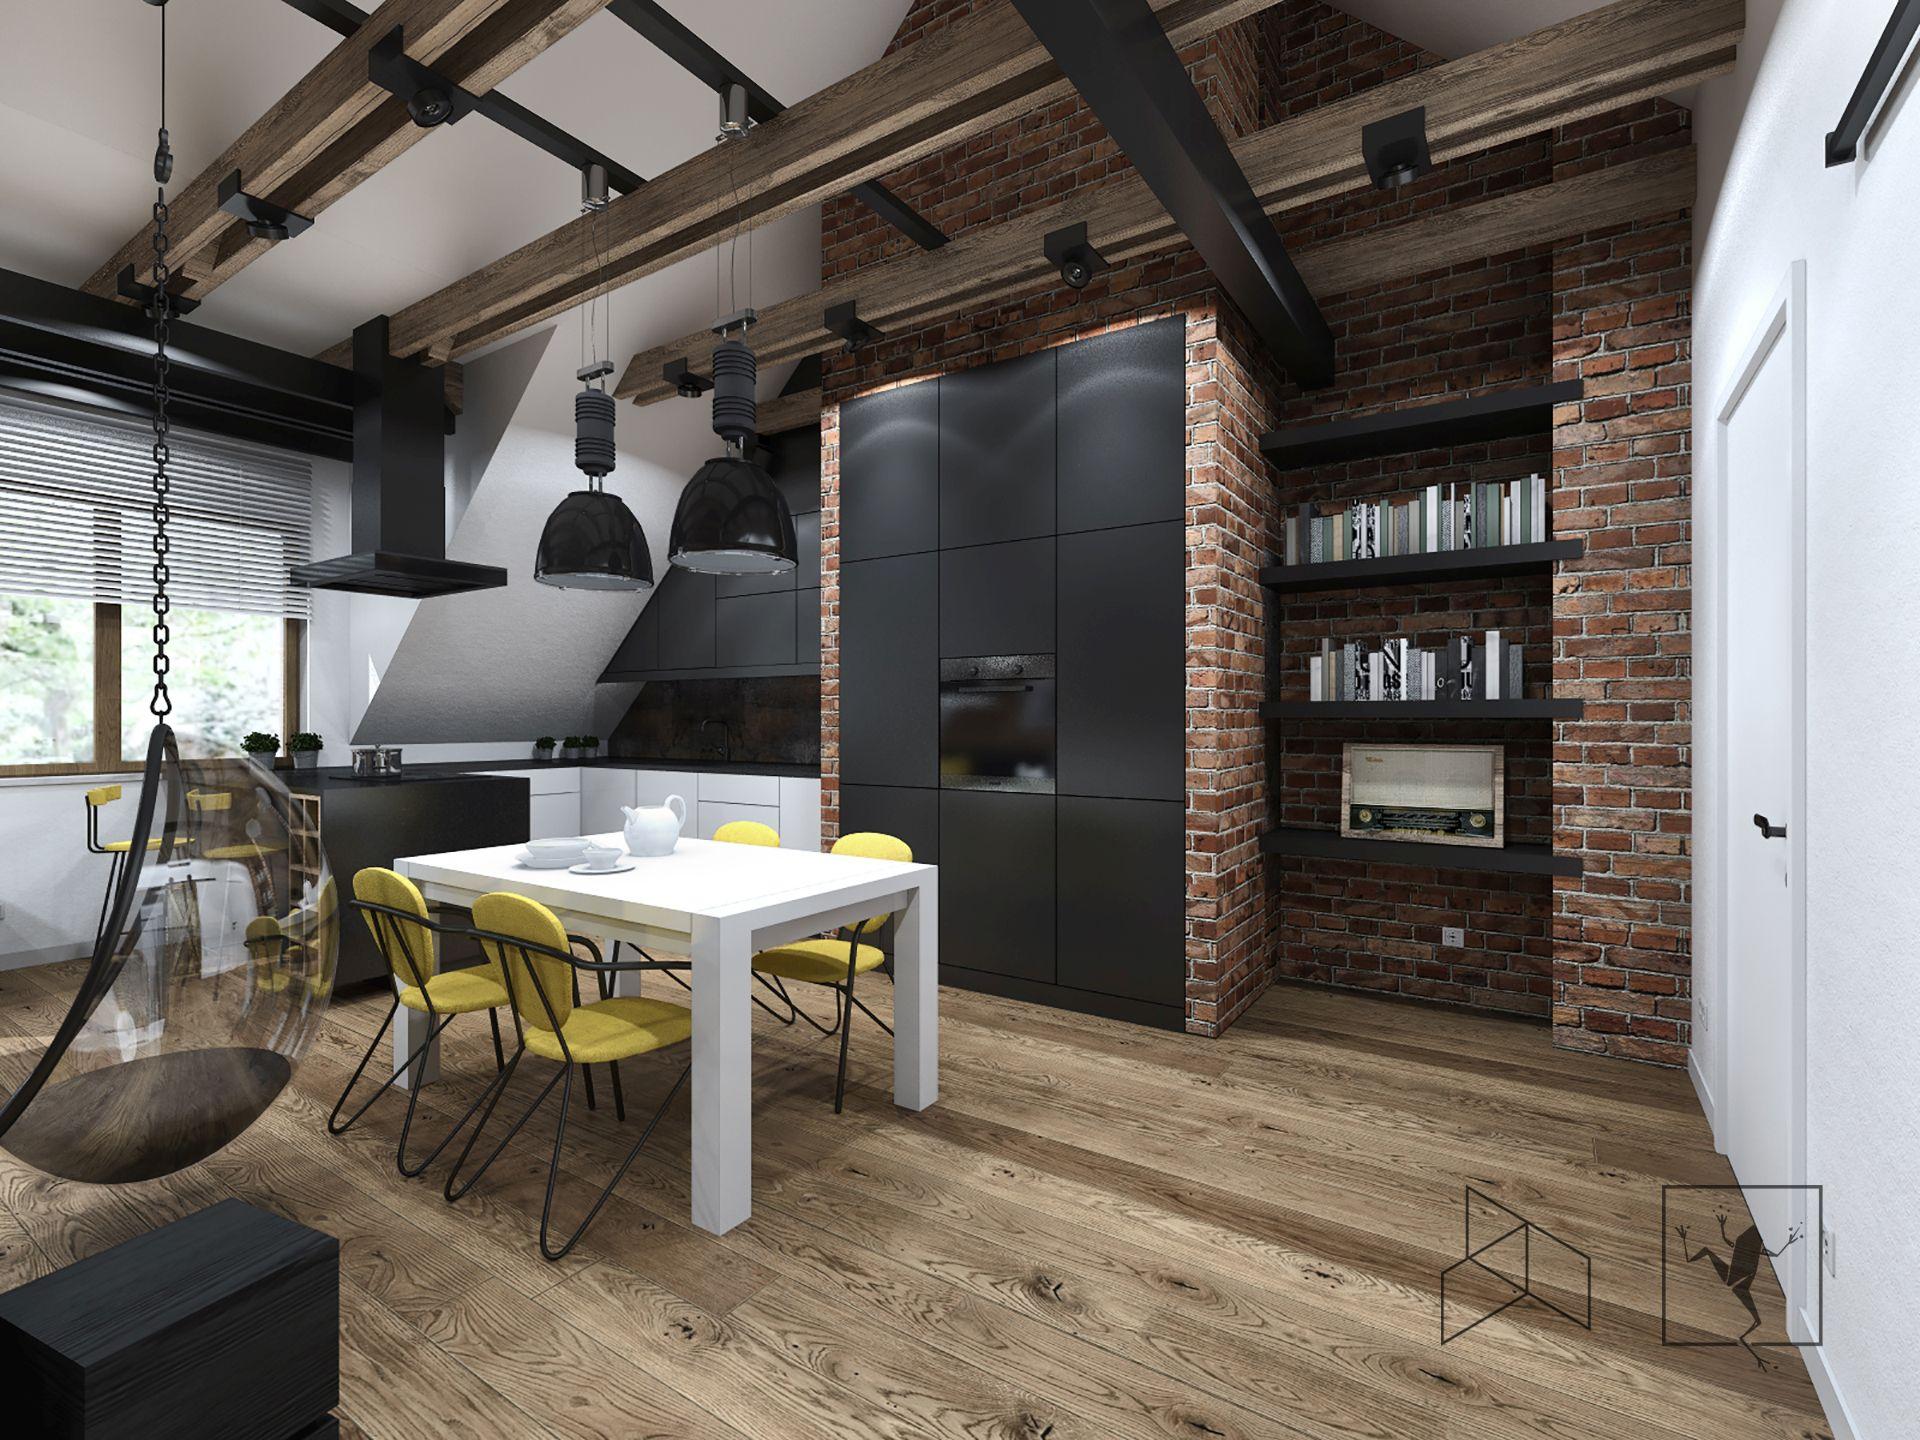 Projekt Wnętrza Poddasza Frog Studio Architekci Kielce